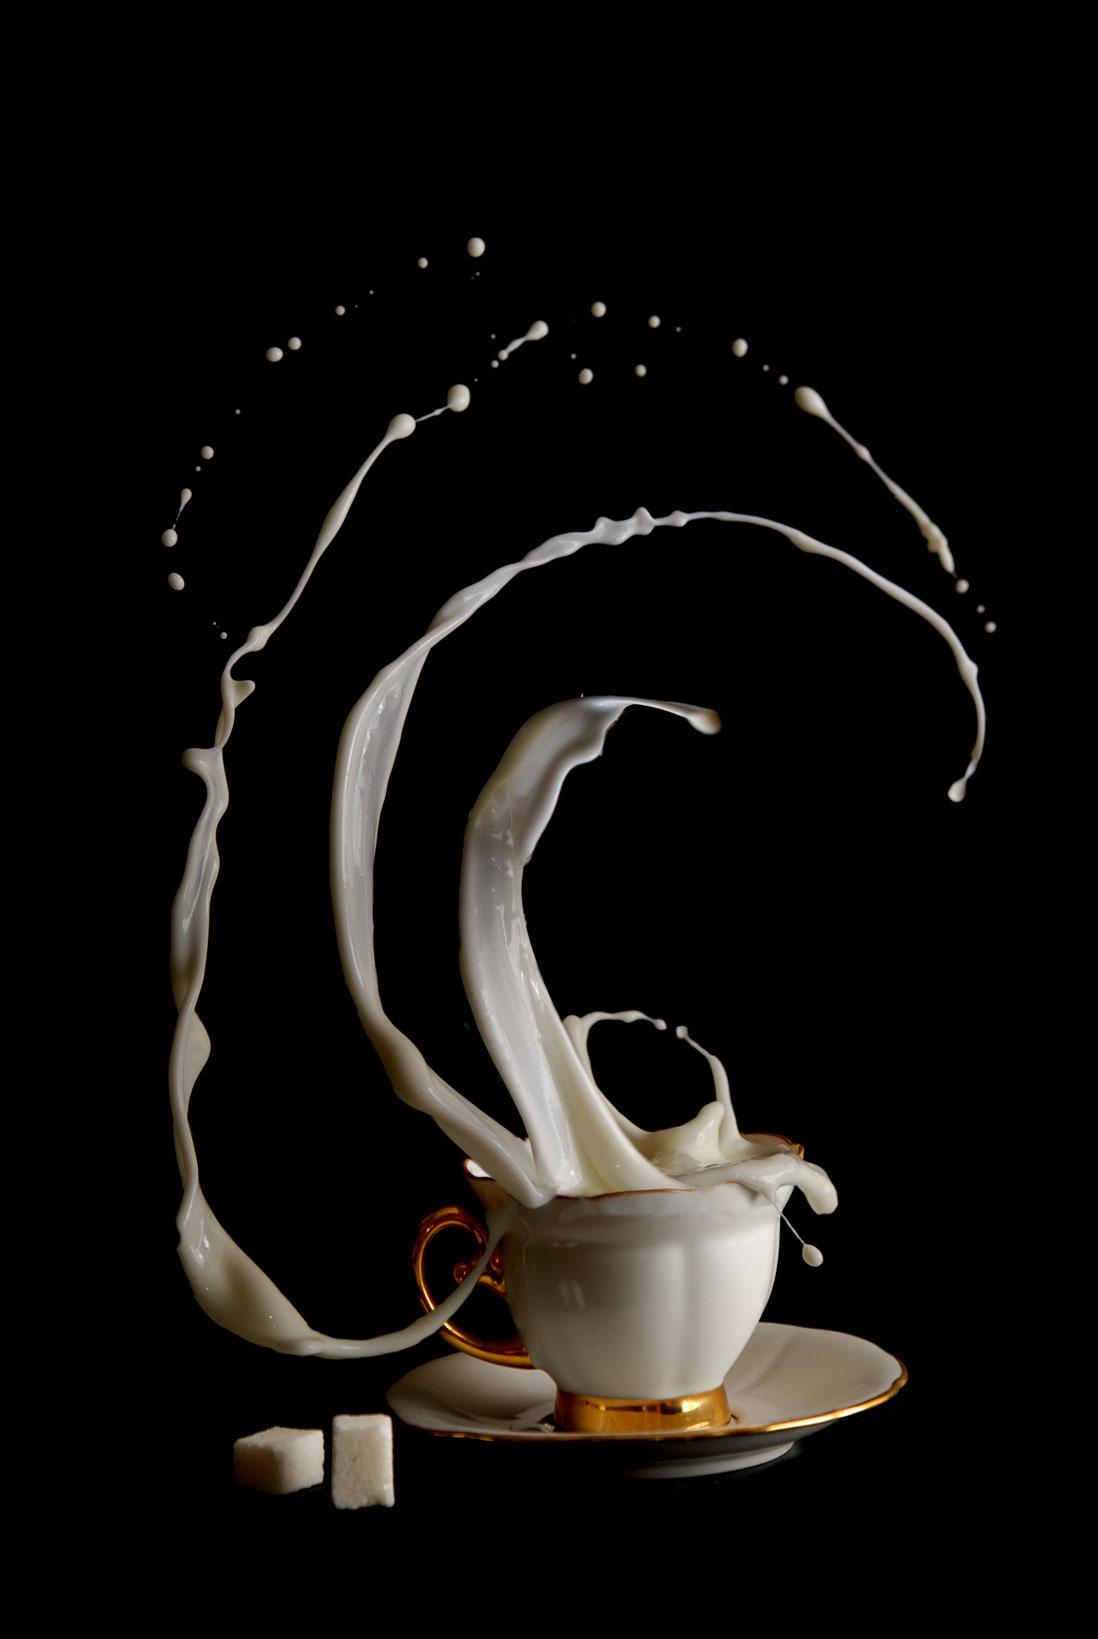 Чашечка кофе фото анимация это